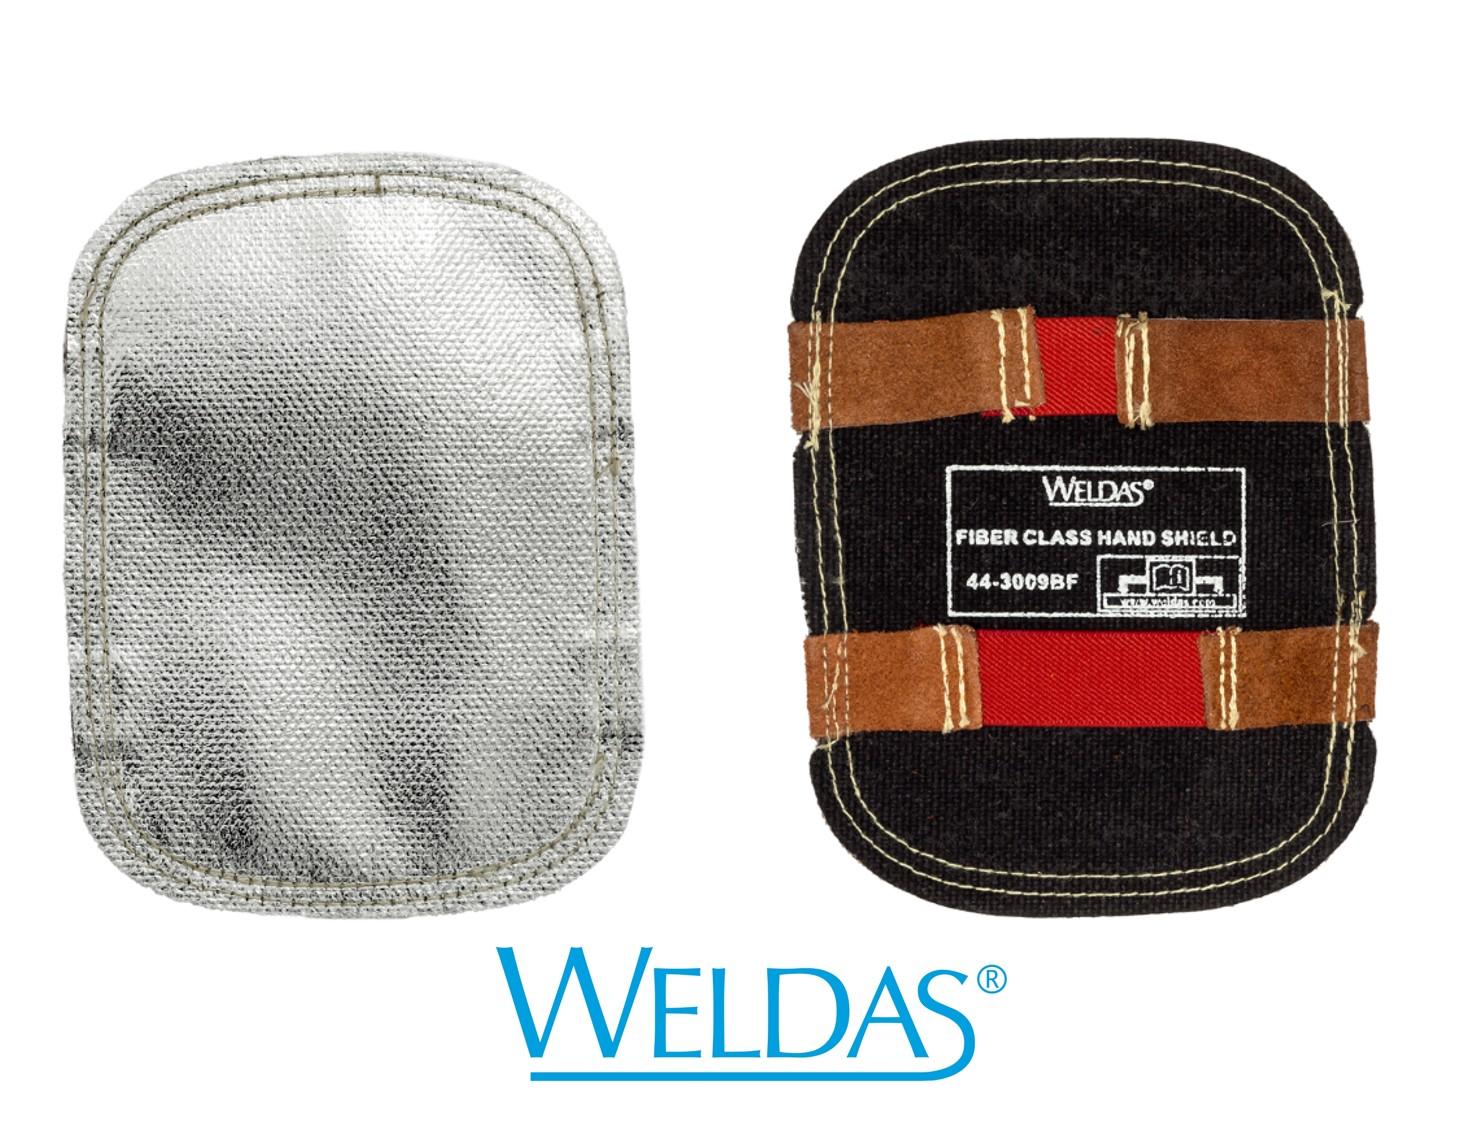 Proteção refletora em fibra de vidro para mão WELDAS 44-3009BF